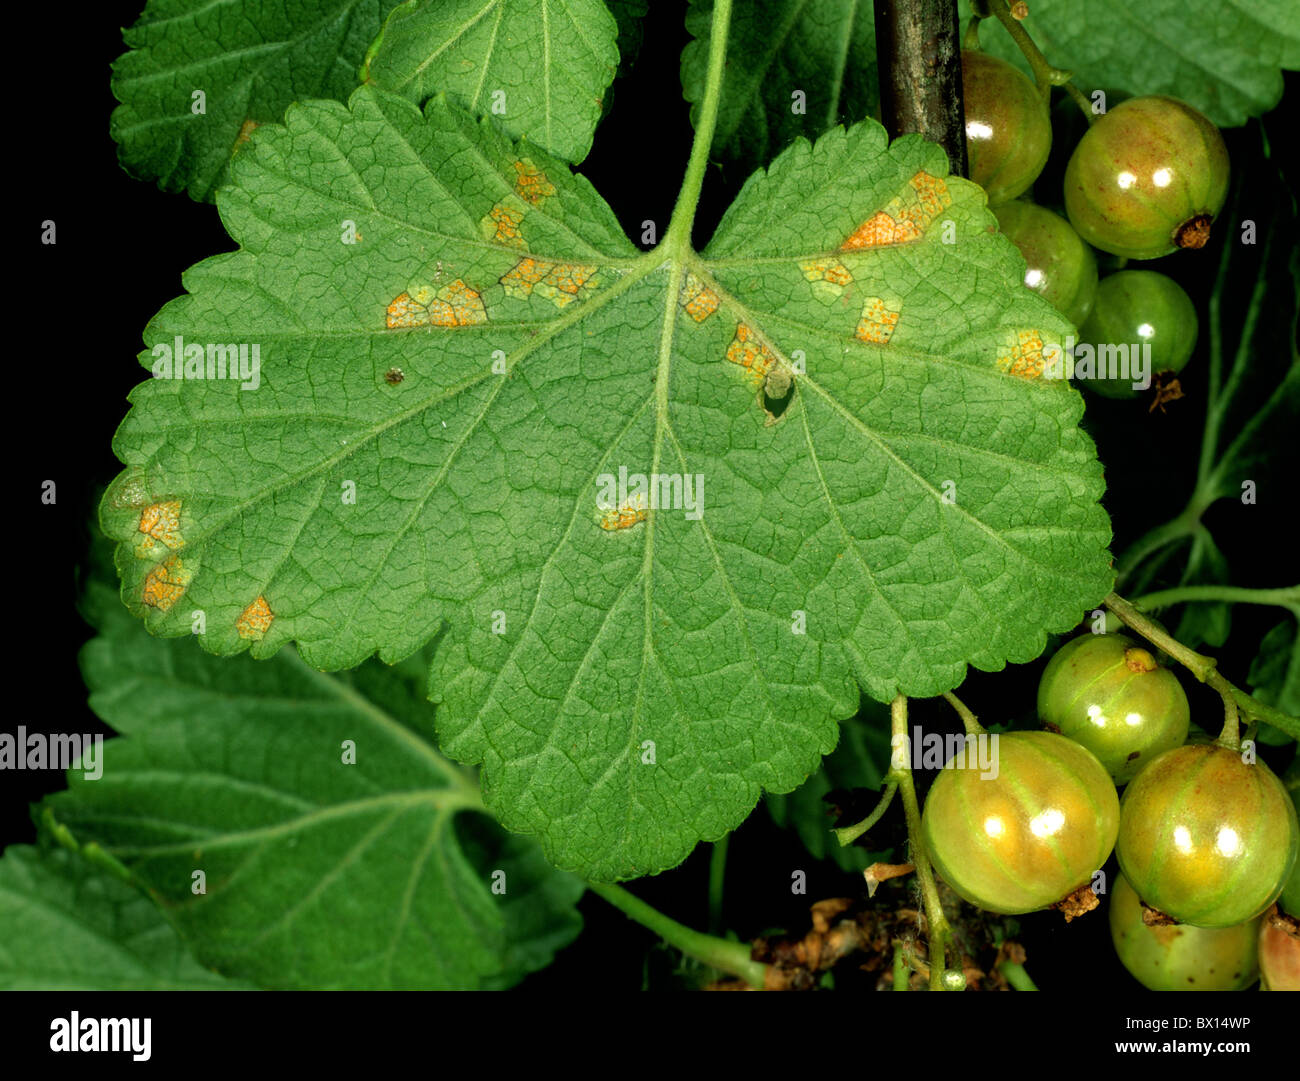 Inizio sympyoms gooseberry cluster cup (Puccinia caracina) sulla foglia di ribes lato inferiore Immagini Stock